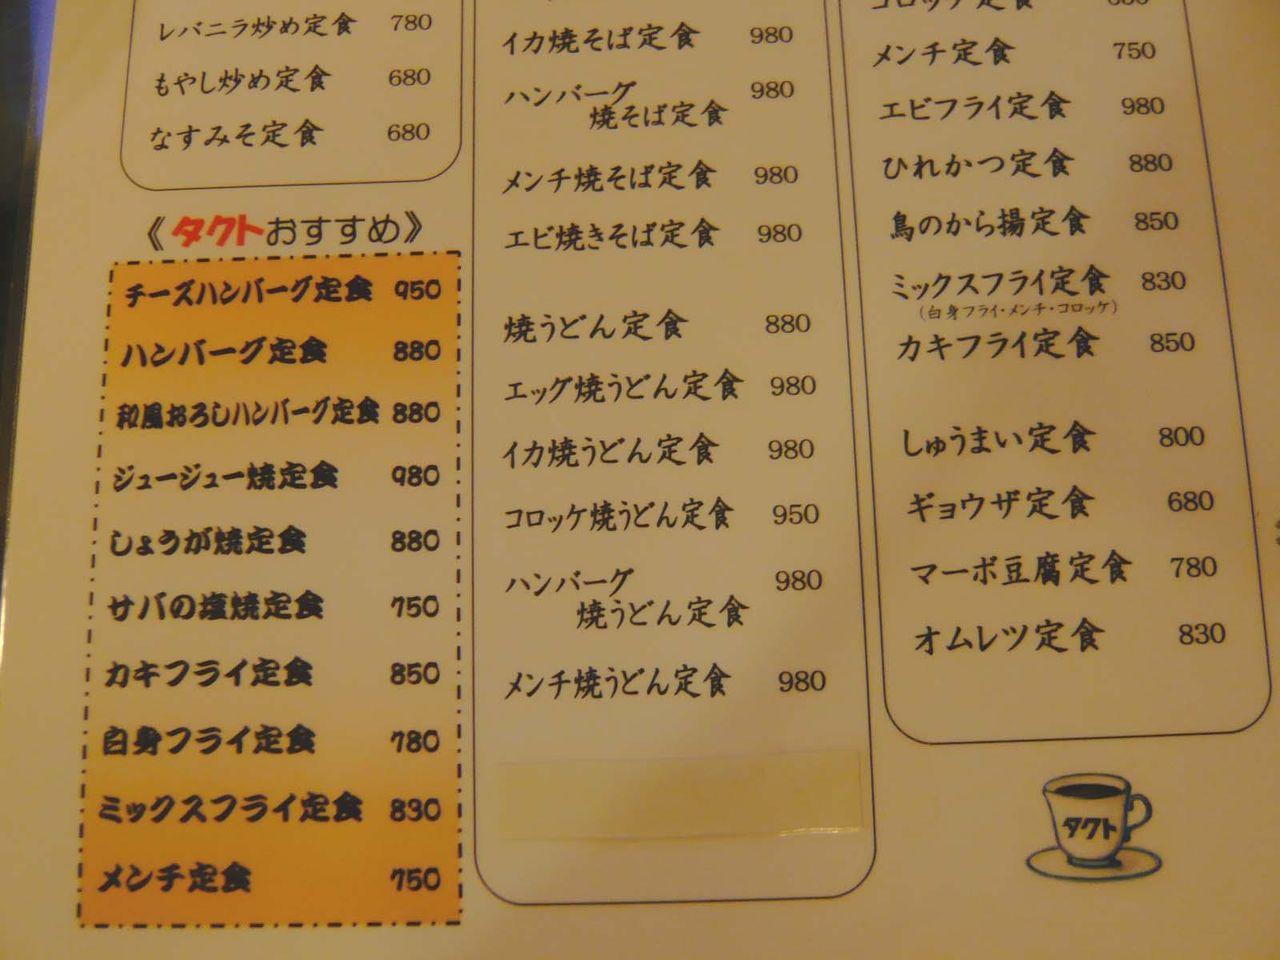 レストラン喫茶タクトのメニューの一部